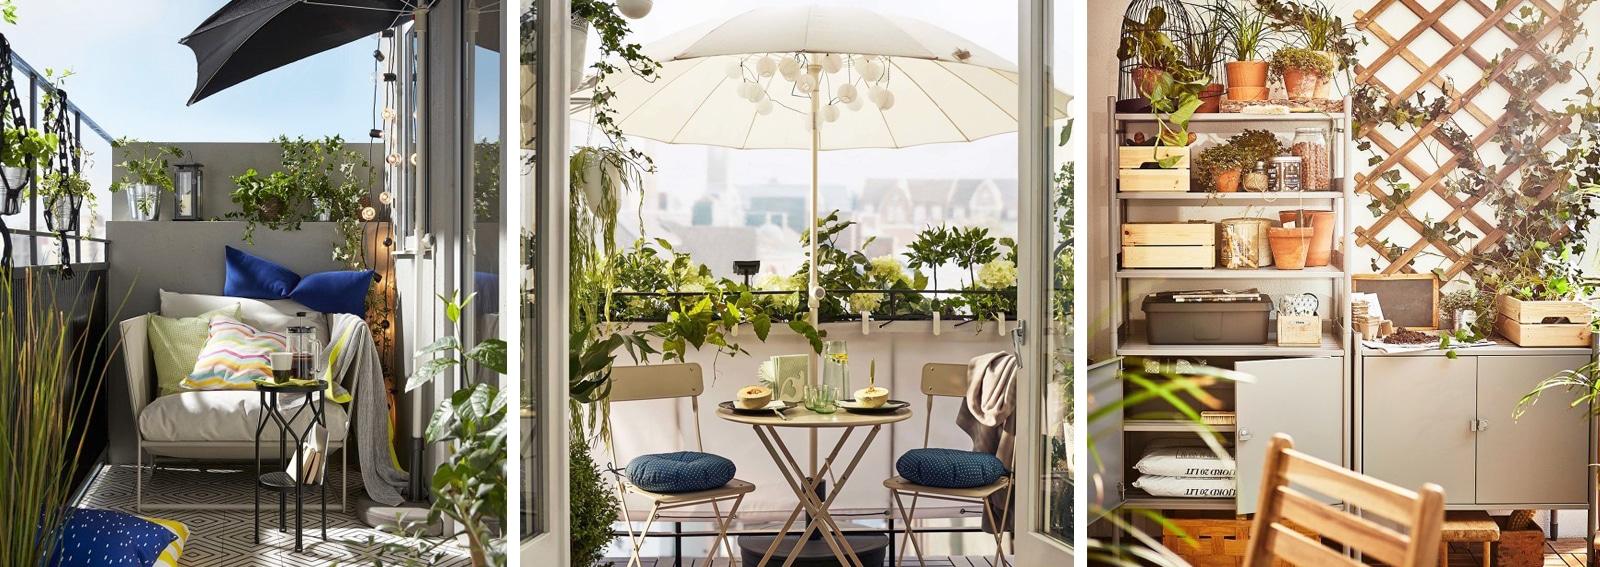 Come arredare il balcone con ikea 10 idee da copiare for Idee per arredare un ufficio